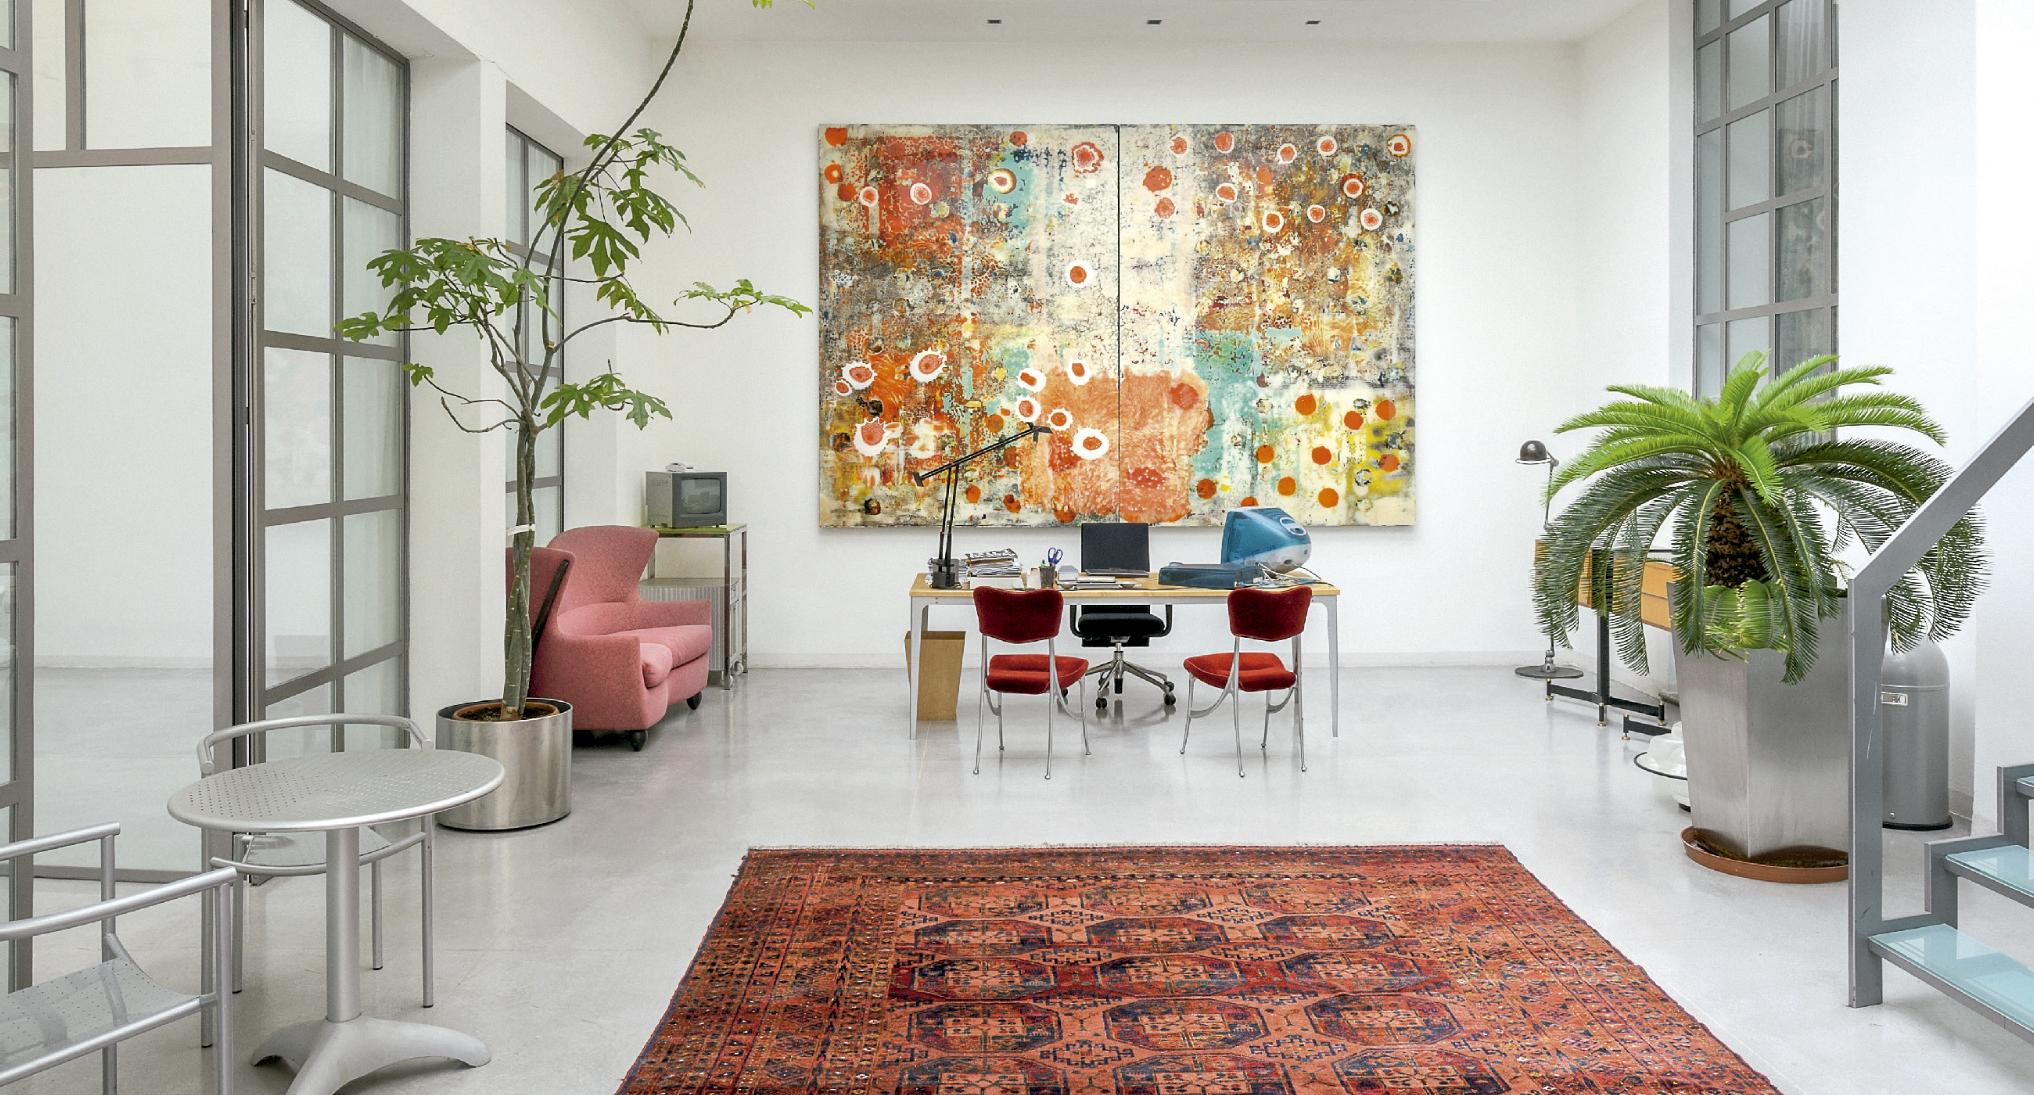 3-apartamento-com-design-original-e-arte-em-milao